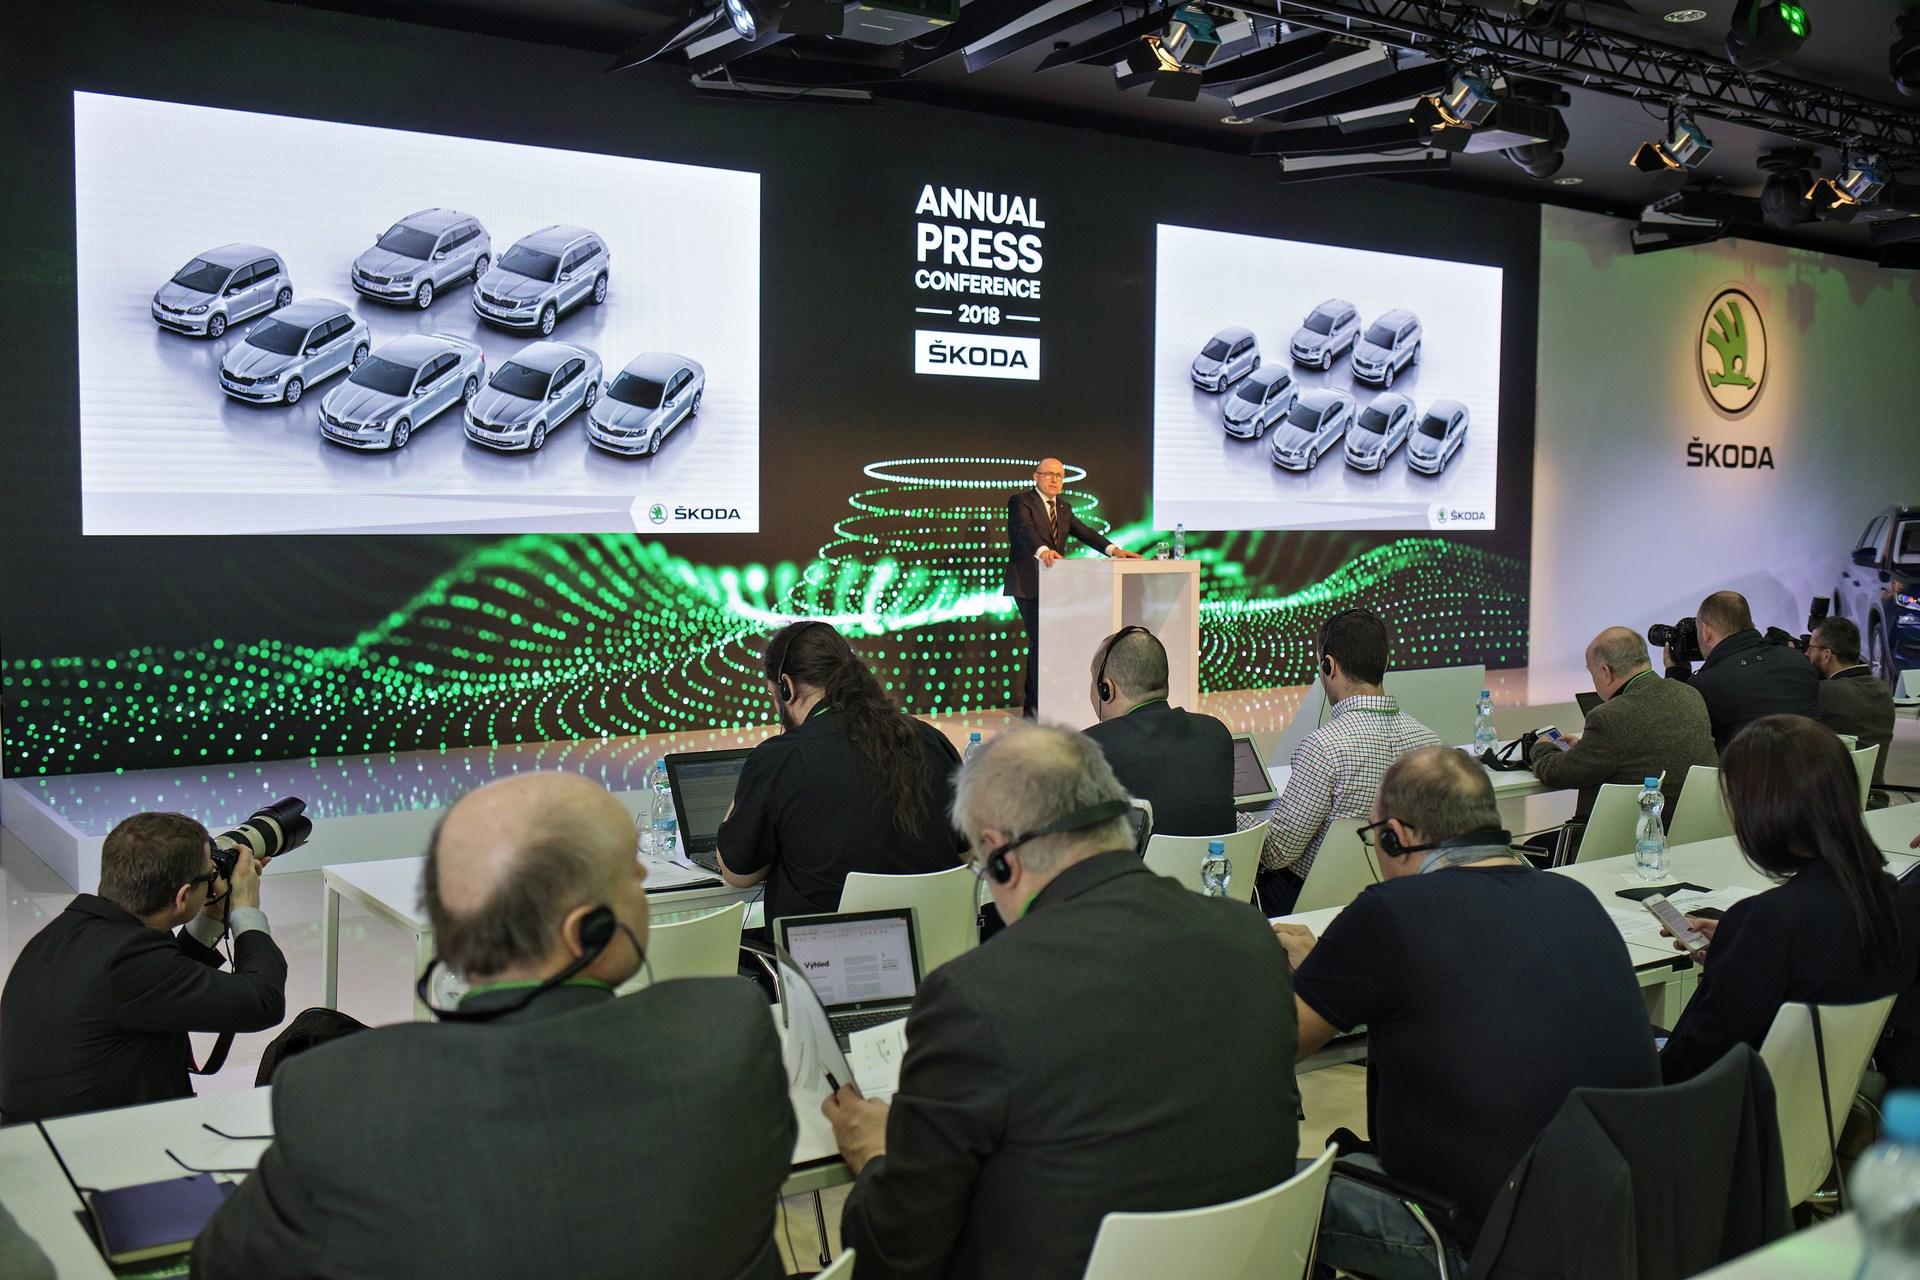 Skoda_Press_Conference_0002